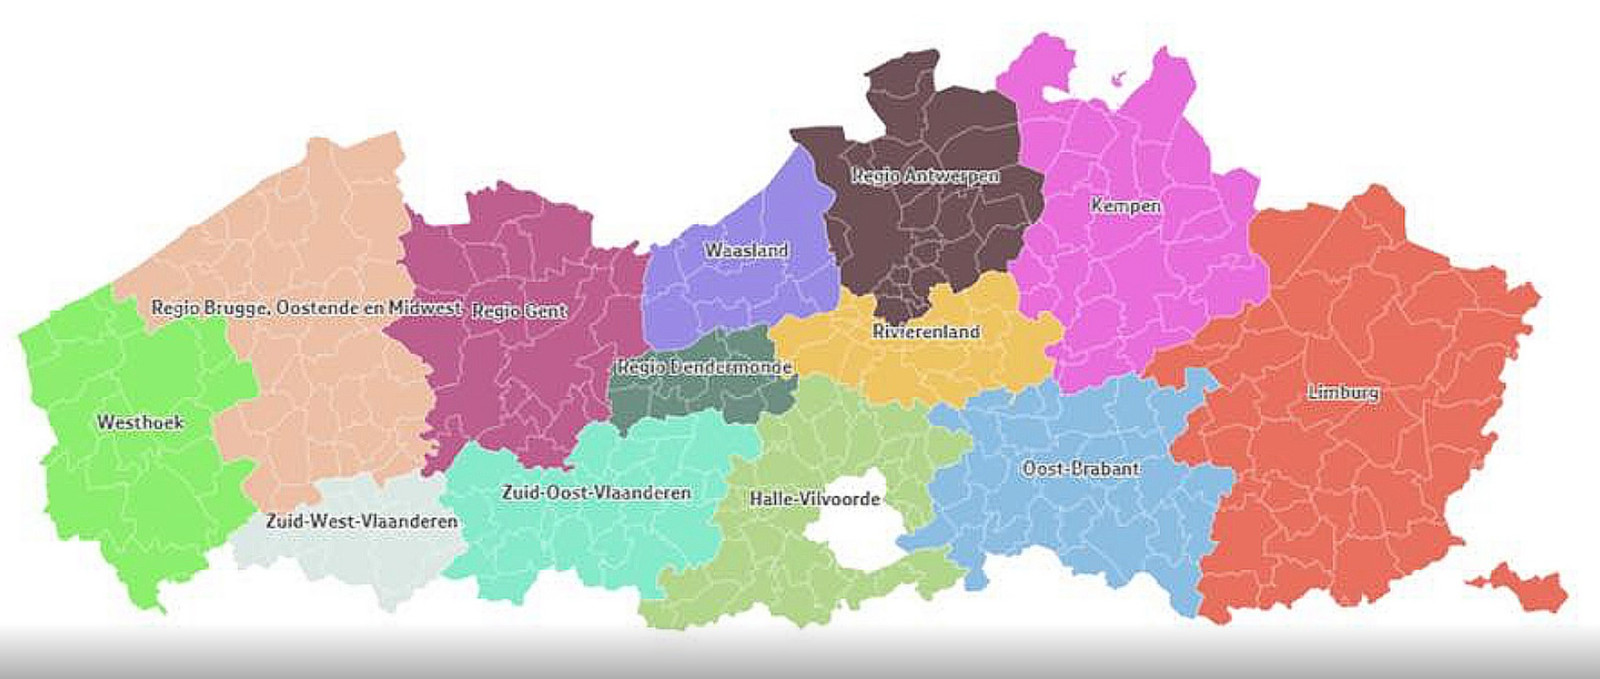 Het voorstel van Somers, waarbij Vlaanderen opgedeeld wordt in 13 regio's. Binnen elke regio zijn samenwerkingsverbanden mogelijk, erbuiten moeilijker.